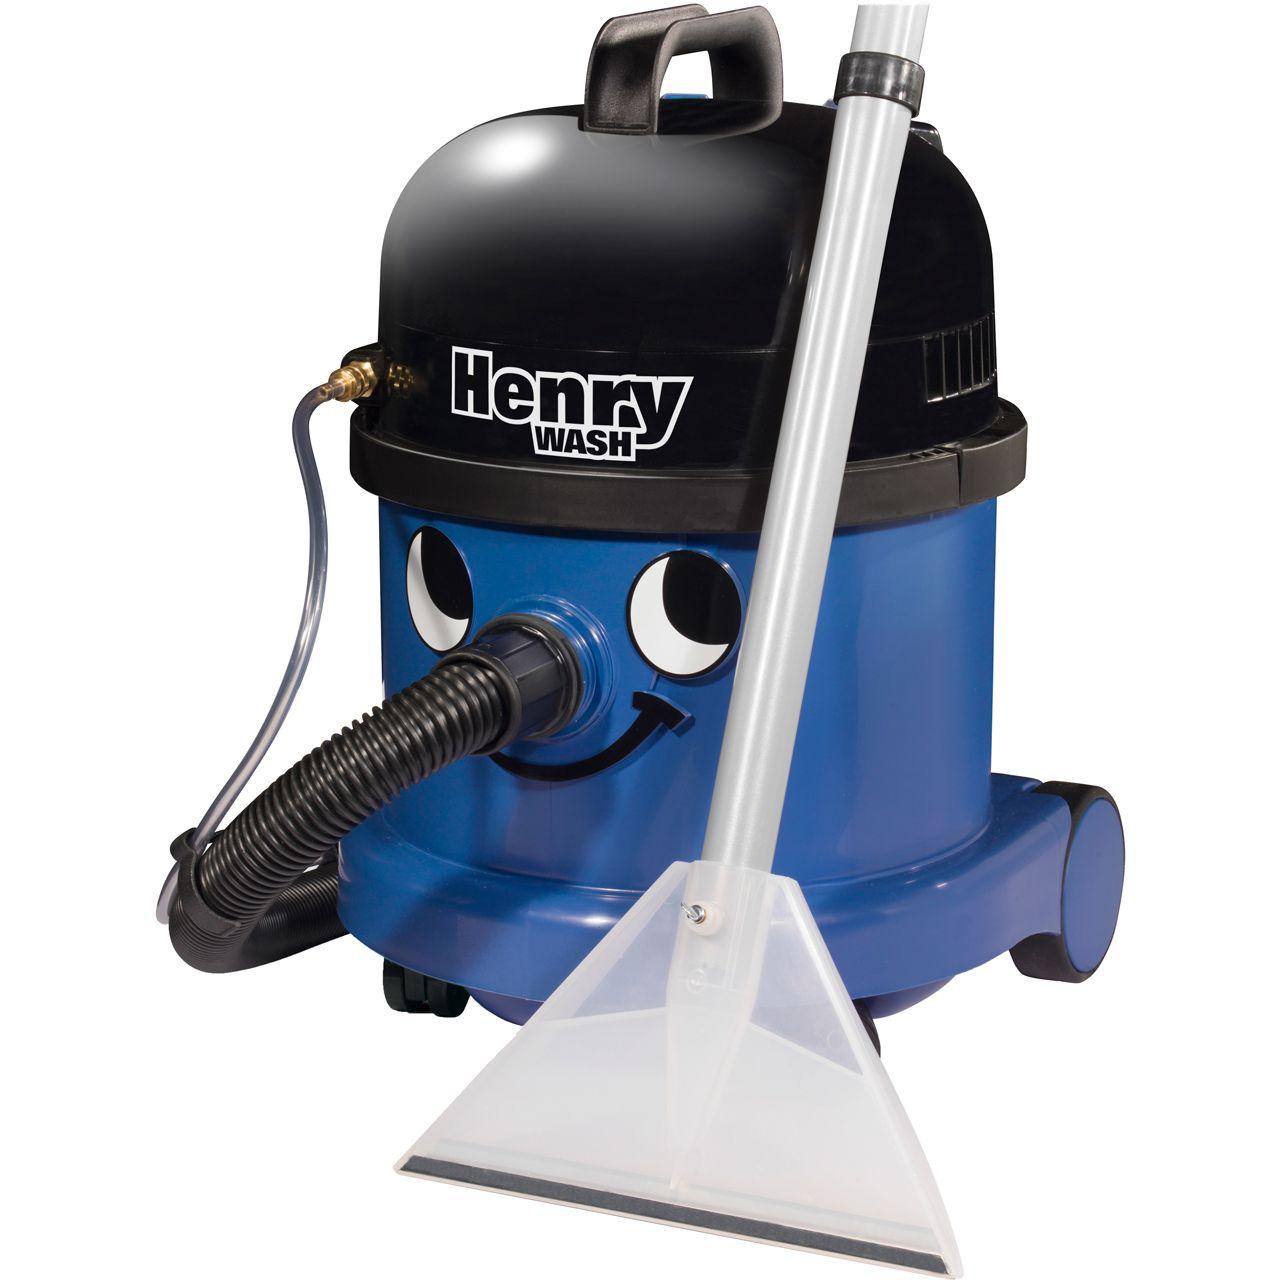 Henry Wash HVW 3702 Carpet Cleaner (With images) Carpet